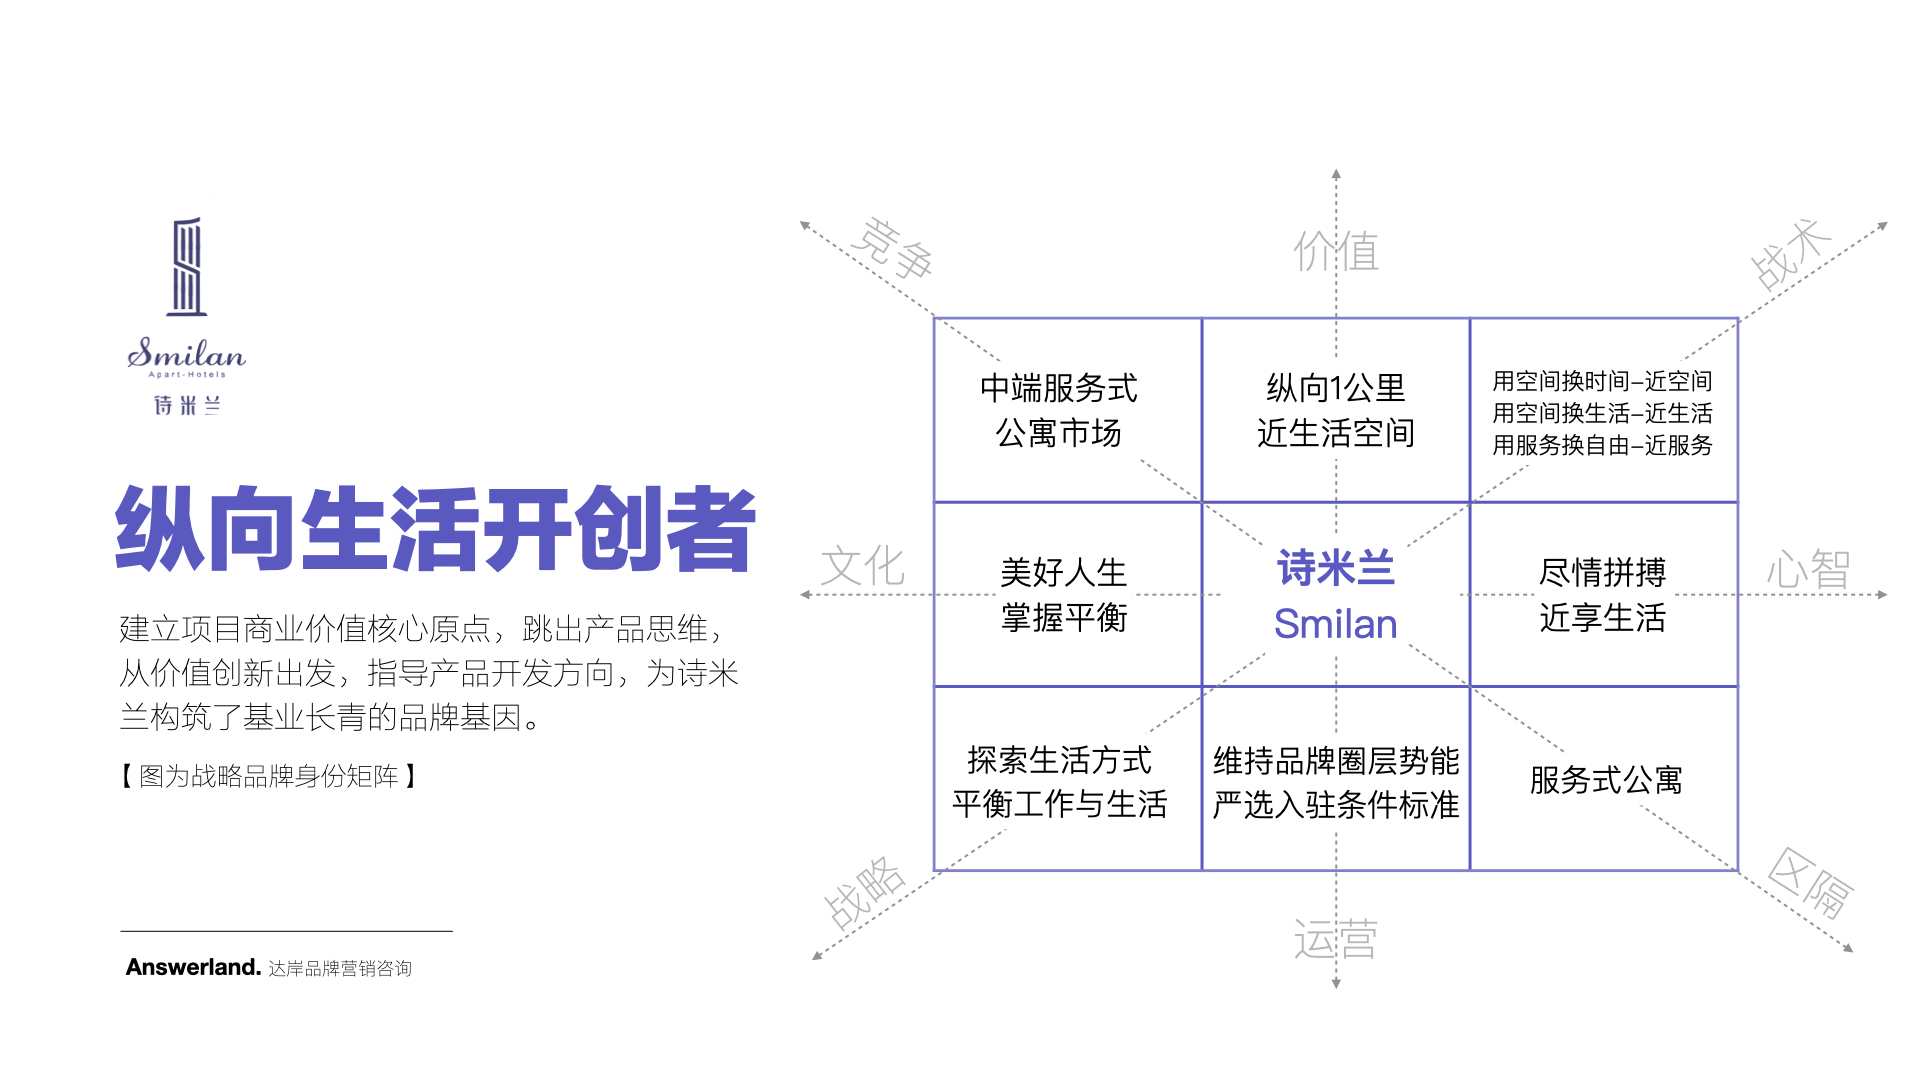 【公司-企业介绍】达岸品牌营销20200526.012